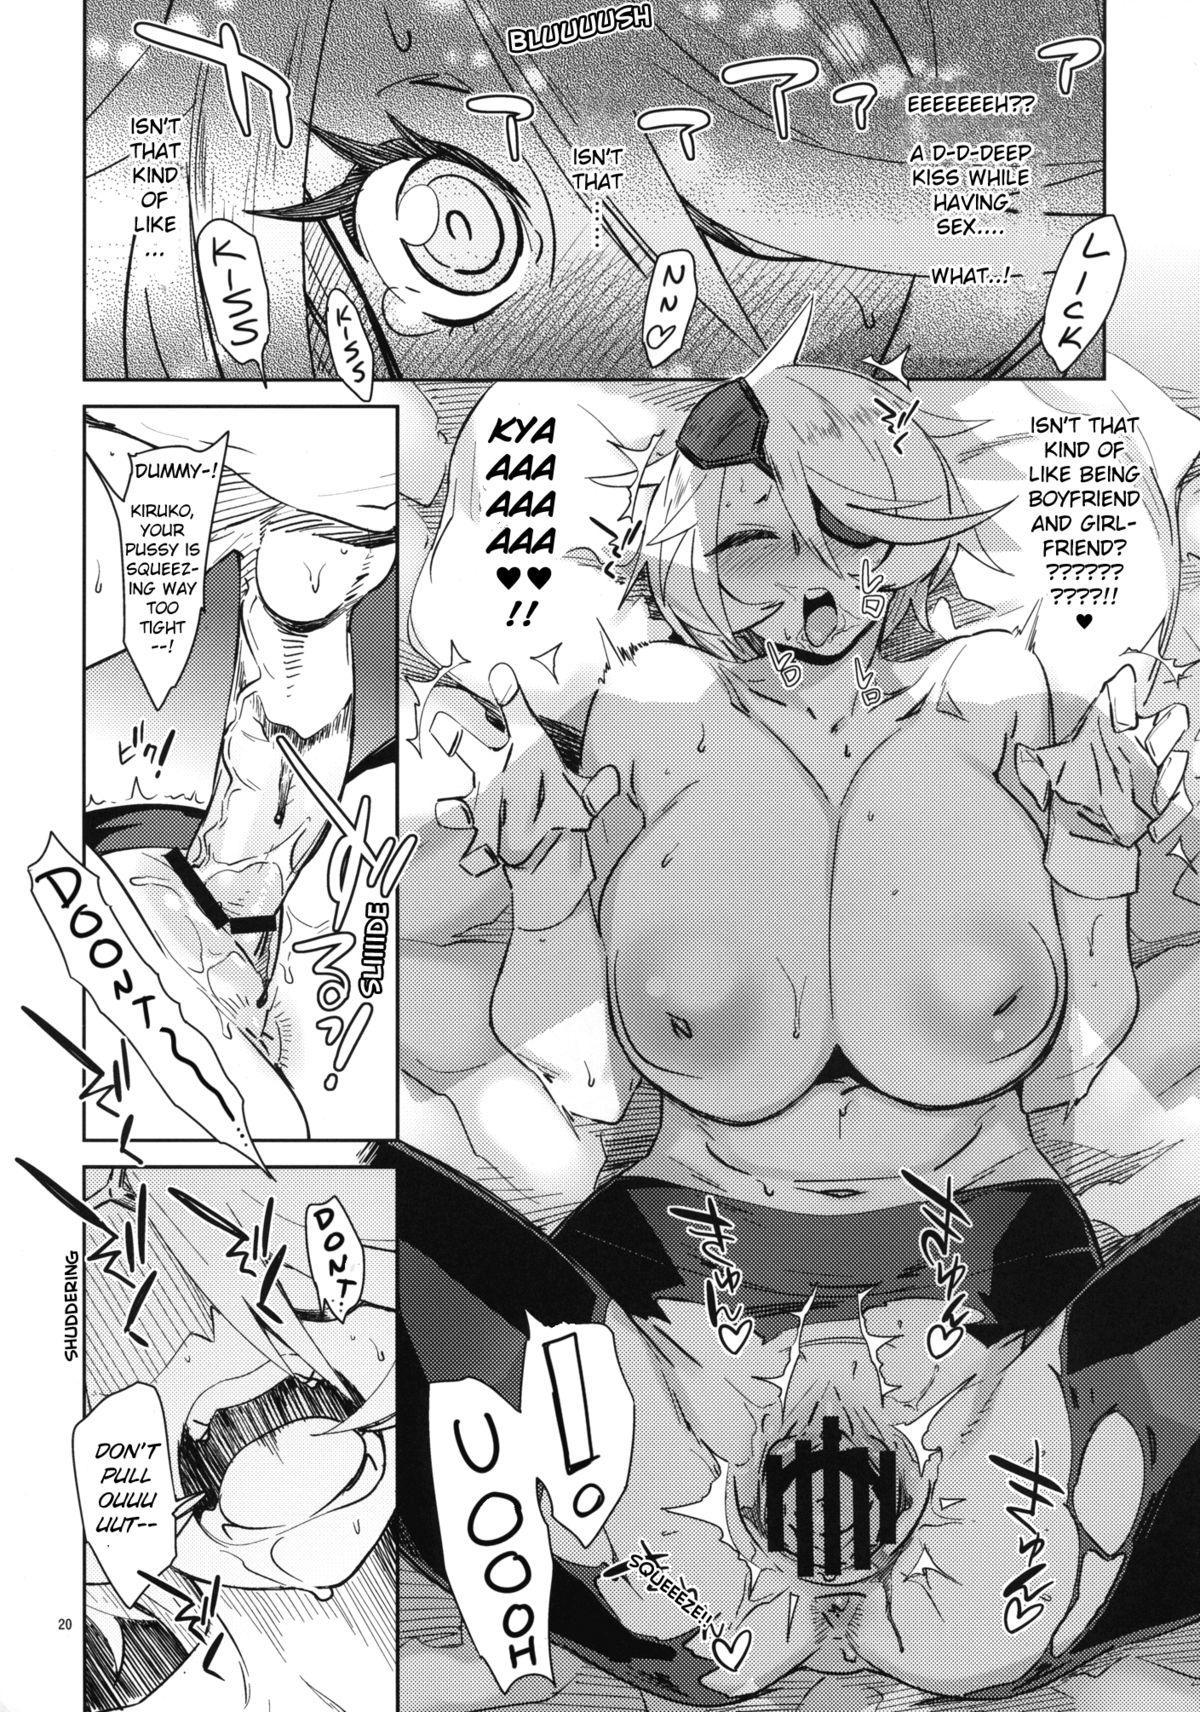 [Abradeli Kami (bobobo)] Kiruko-san no Joshiryoku Up Daisakusen | Kiruko's Womanly Power-Up Epic Battle (Shinmai Fukei Kiruko-san) [English] [Koukai Shokei] [Digital] 19